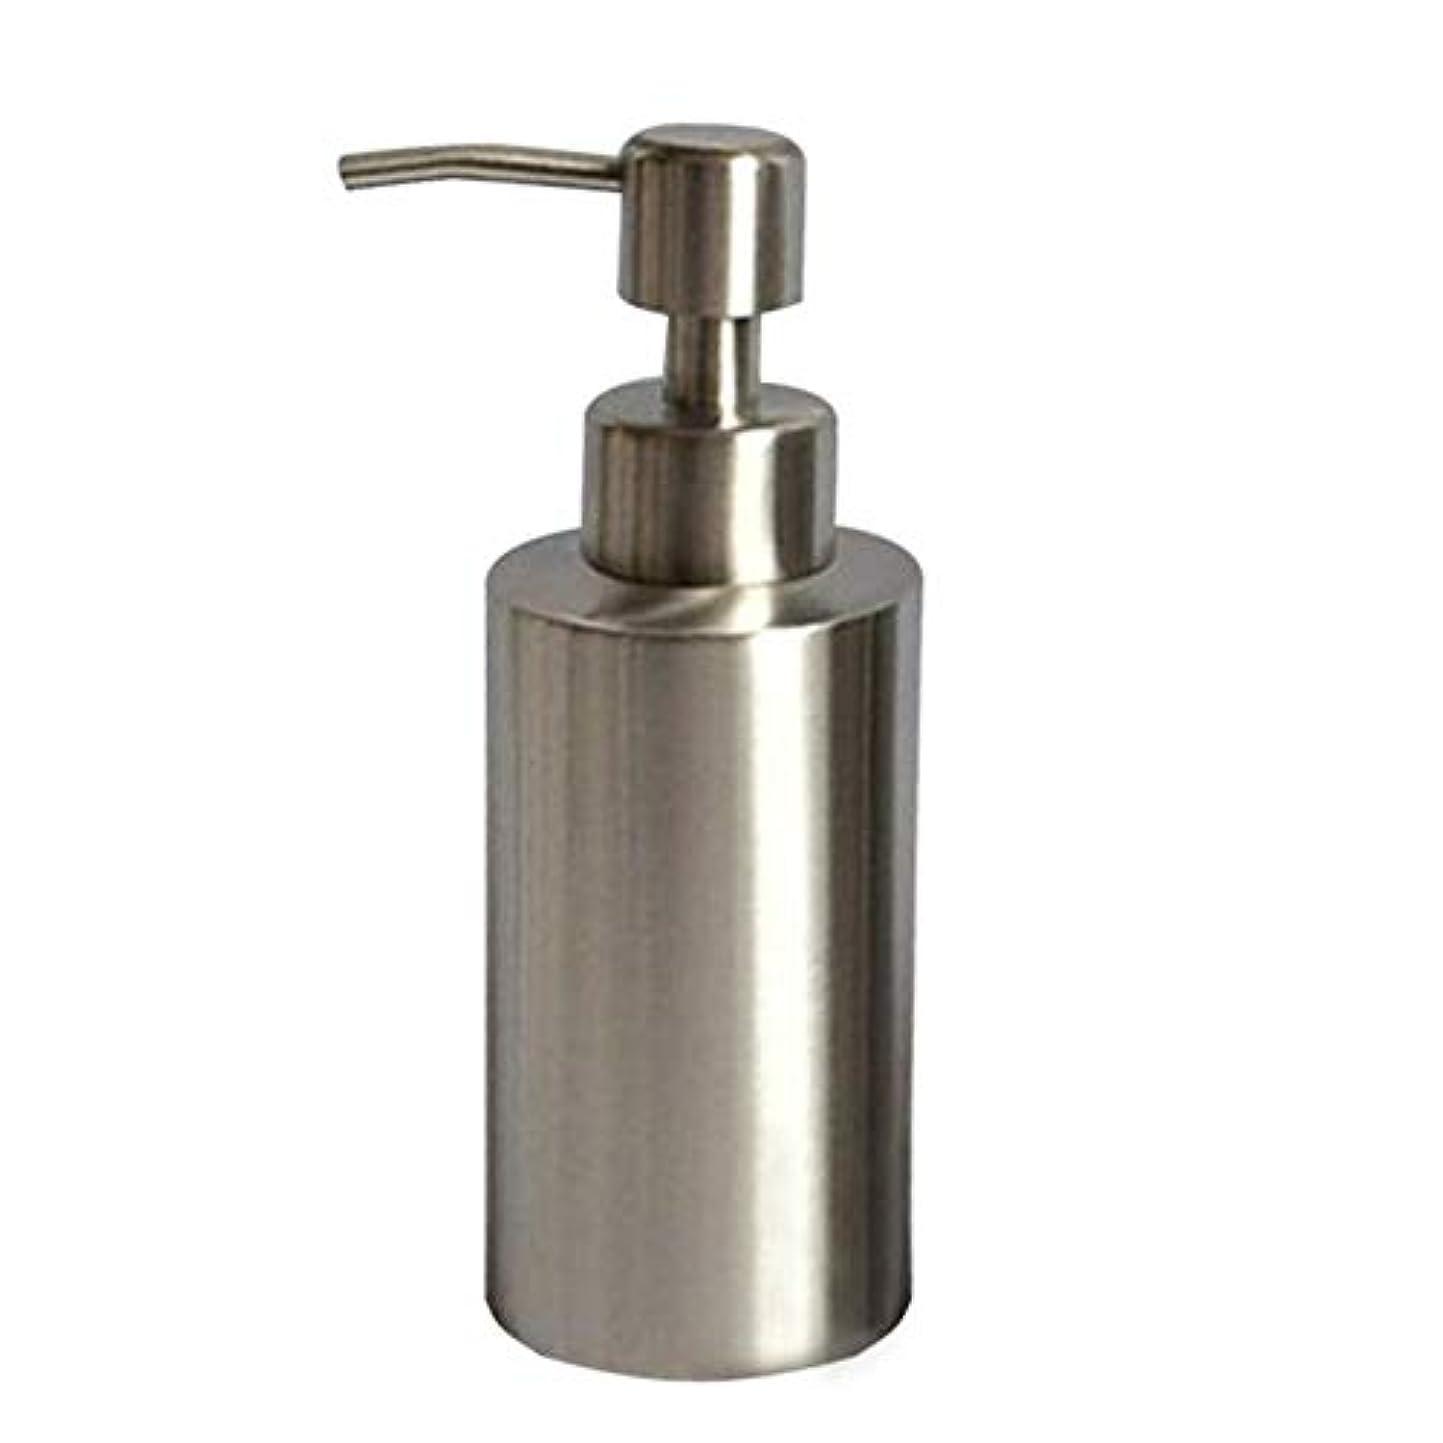 カリキュラム典型的などこにも250ML/350ml/550mlのステンレス鋼ハンドソープボトル ハンドソープ容器 キッチン用びん(高さ15.5cm、直径5.5cm)